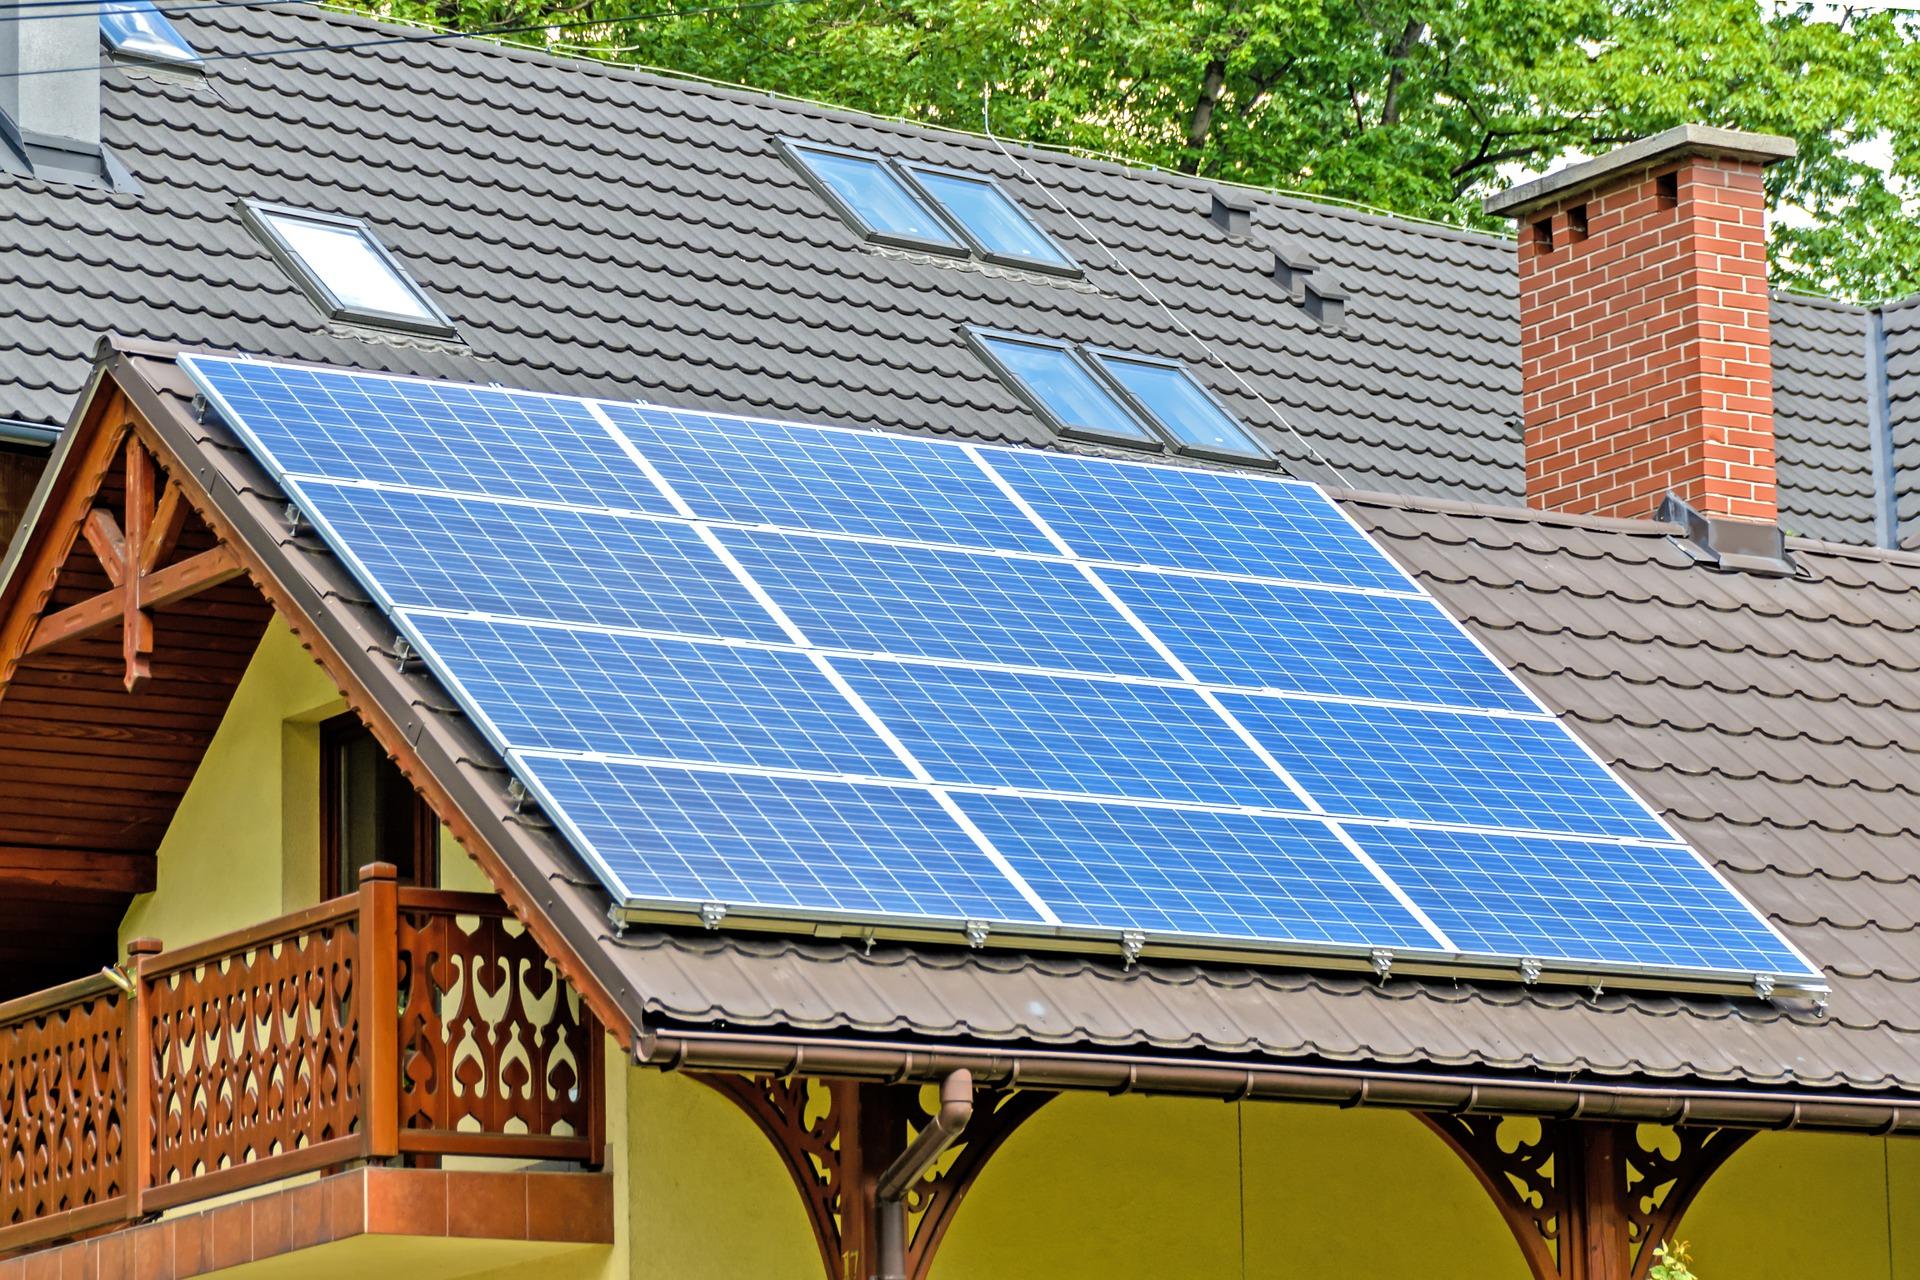 PanelesSolares  ¿Qué es la certificación energética de edificios? PanelesSolares